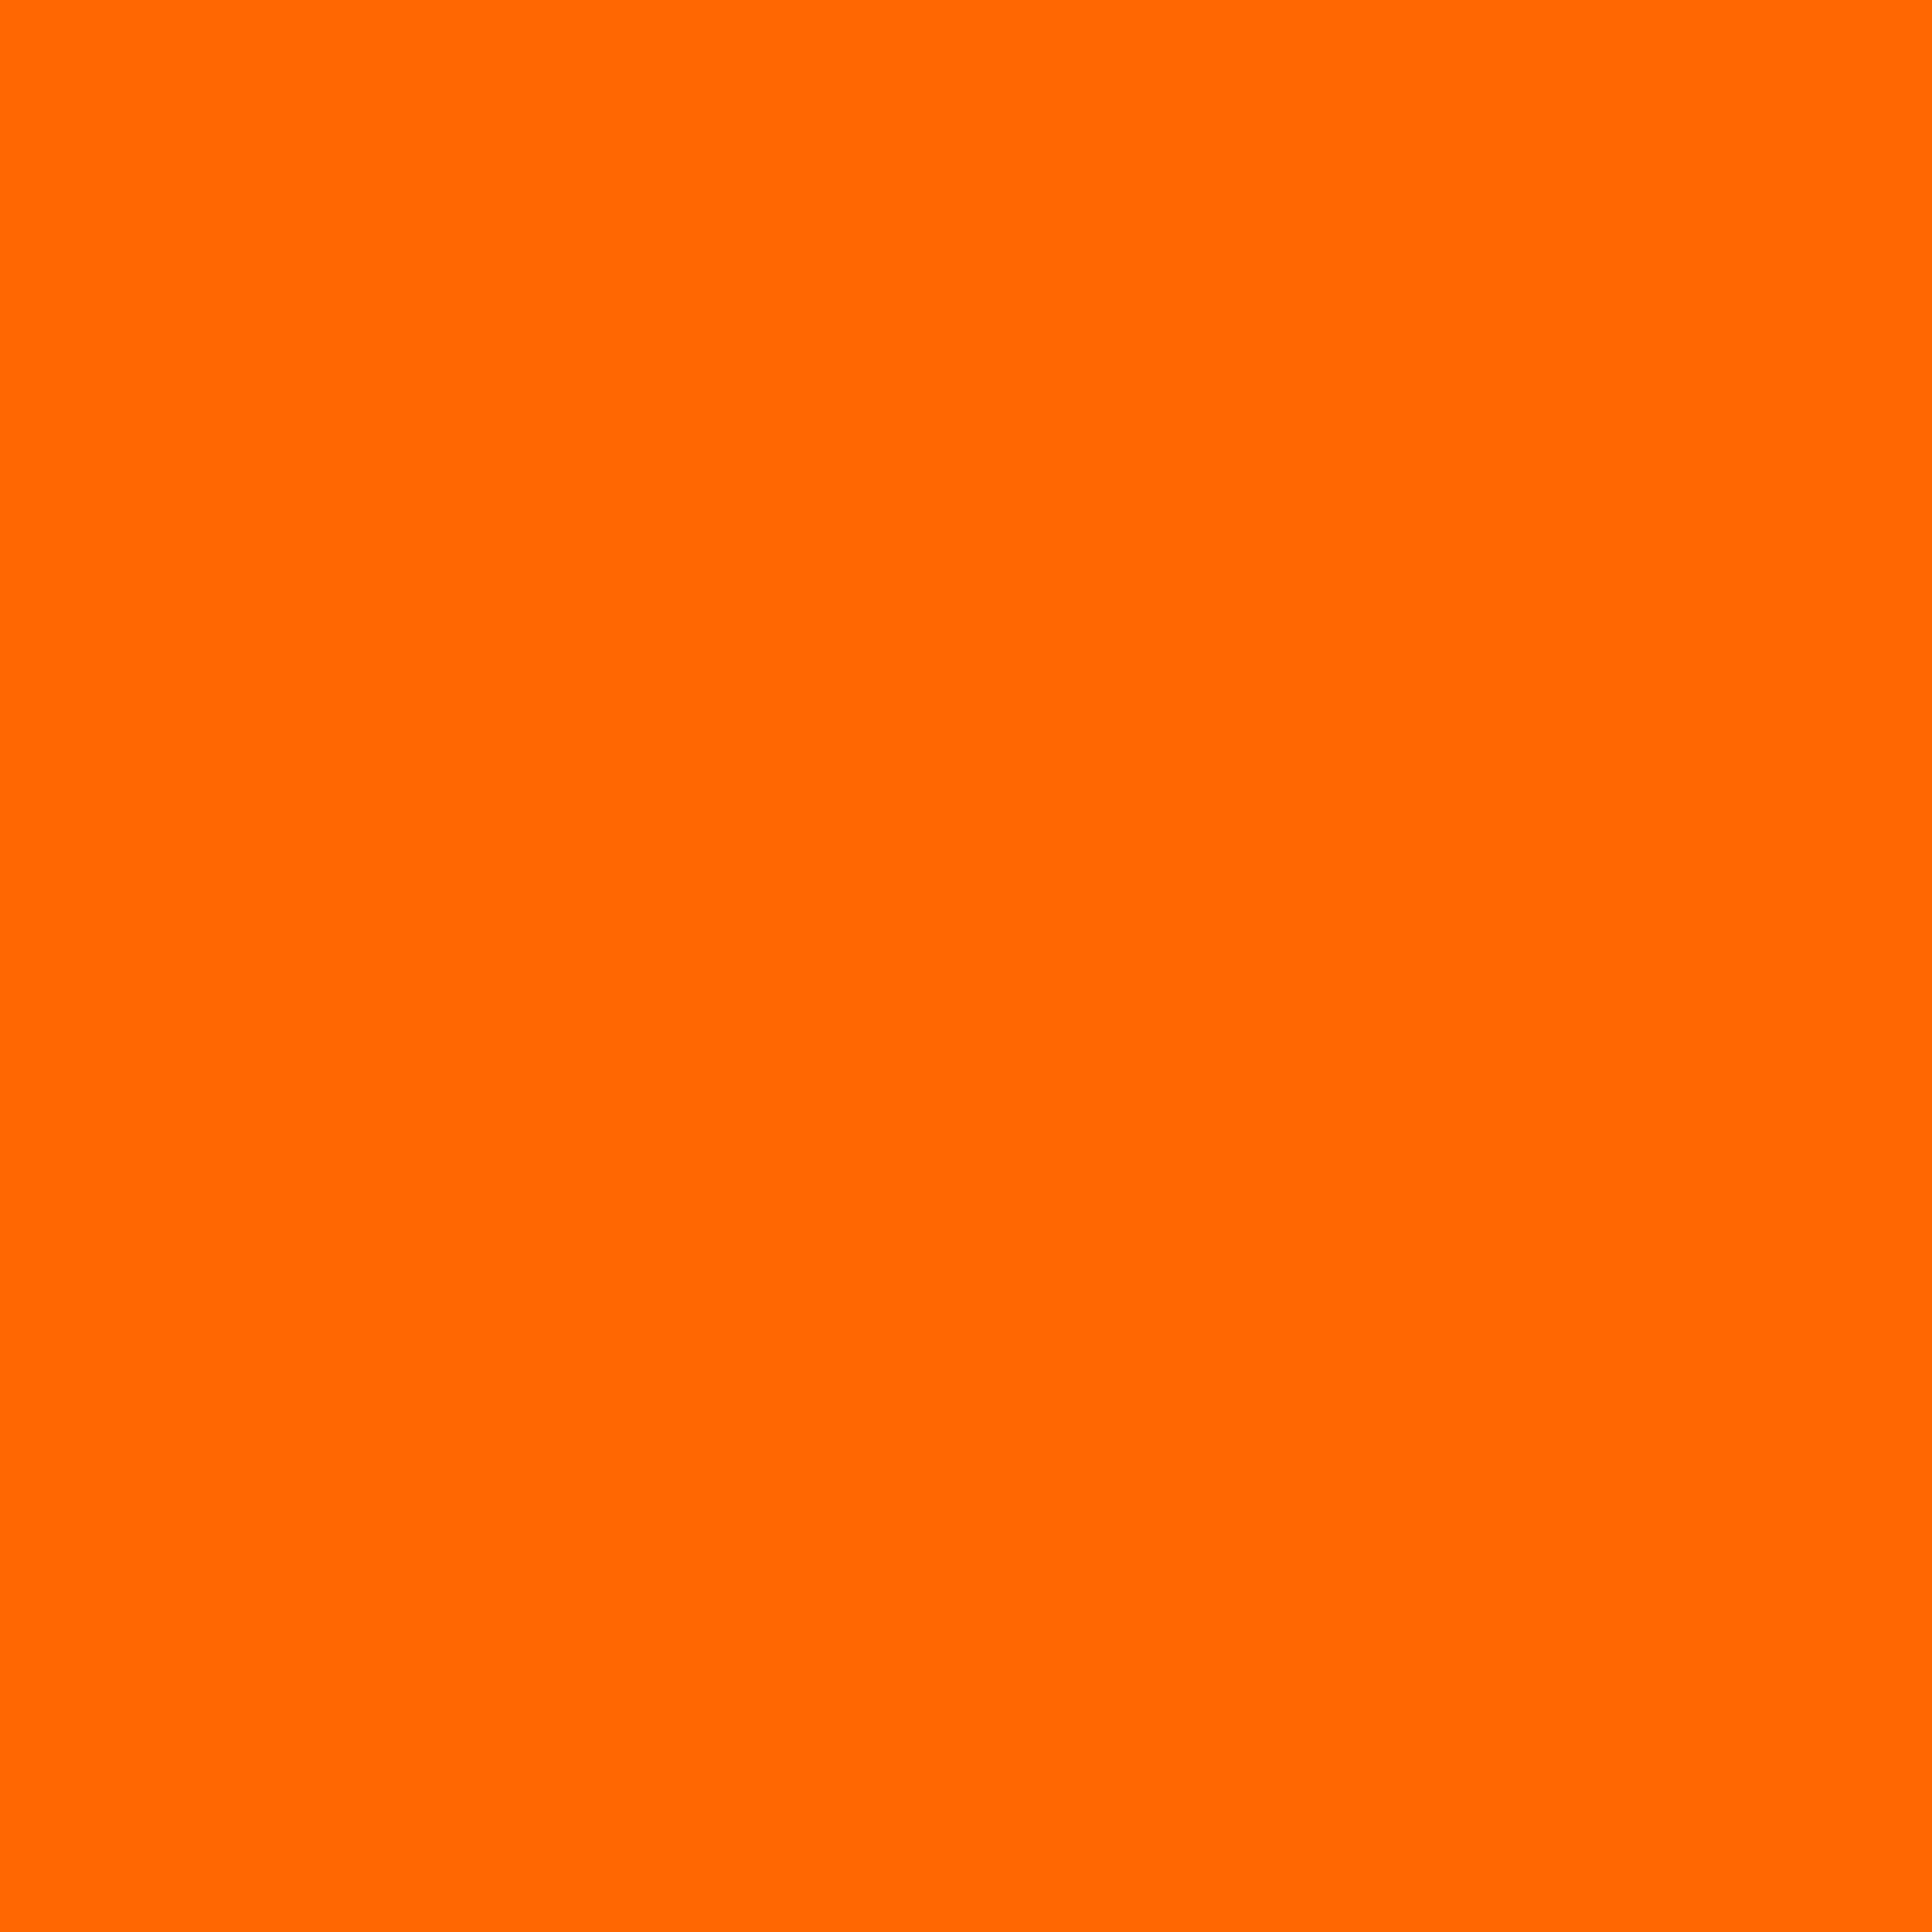 3600x3600 Safety Orange Blaze Orange Solid Color Background